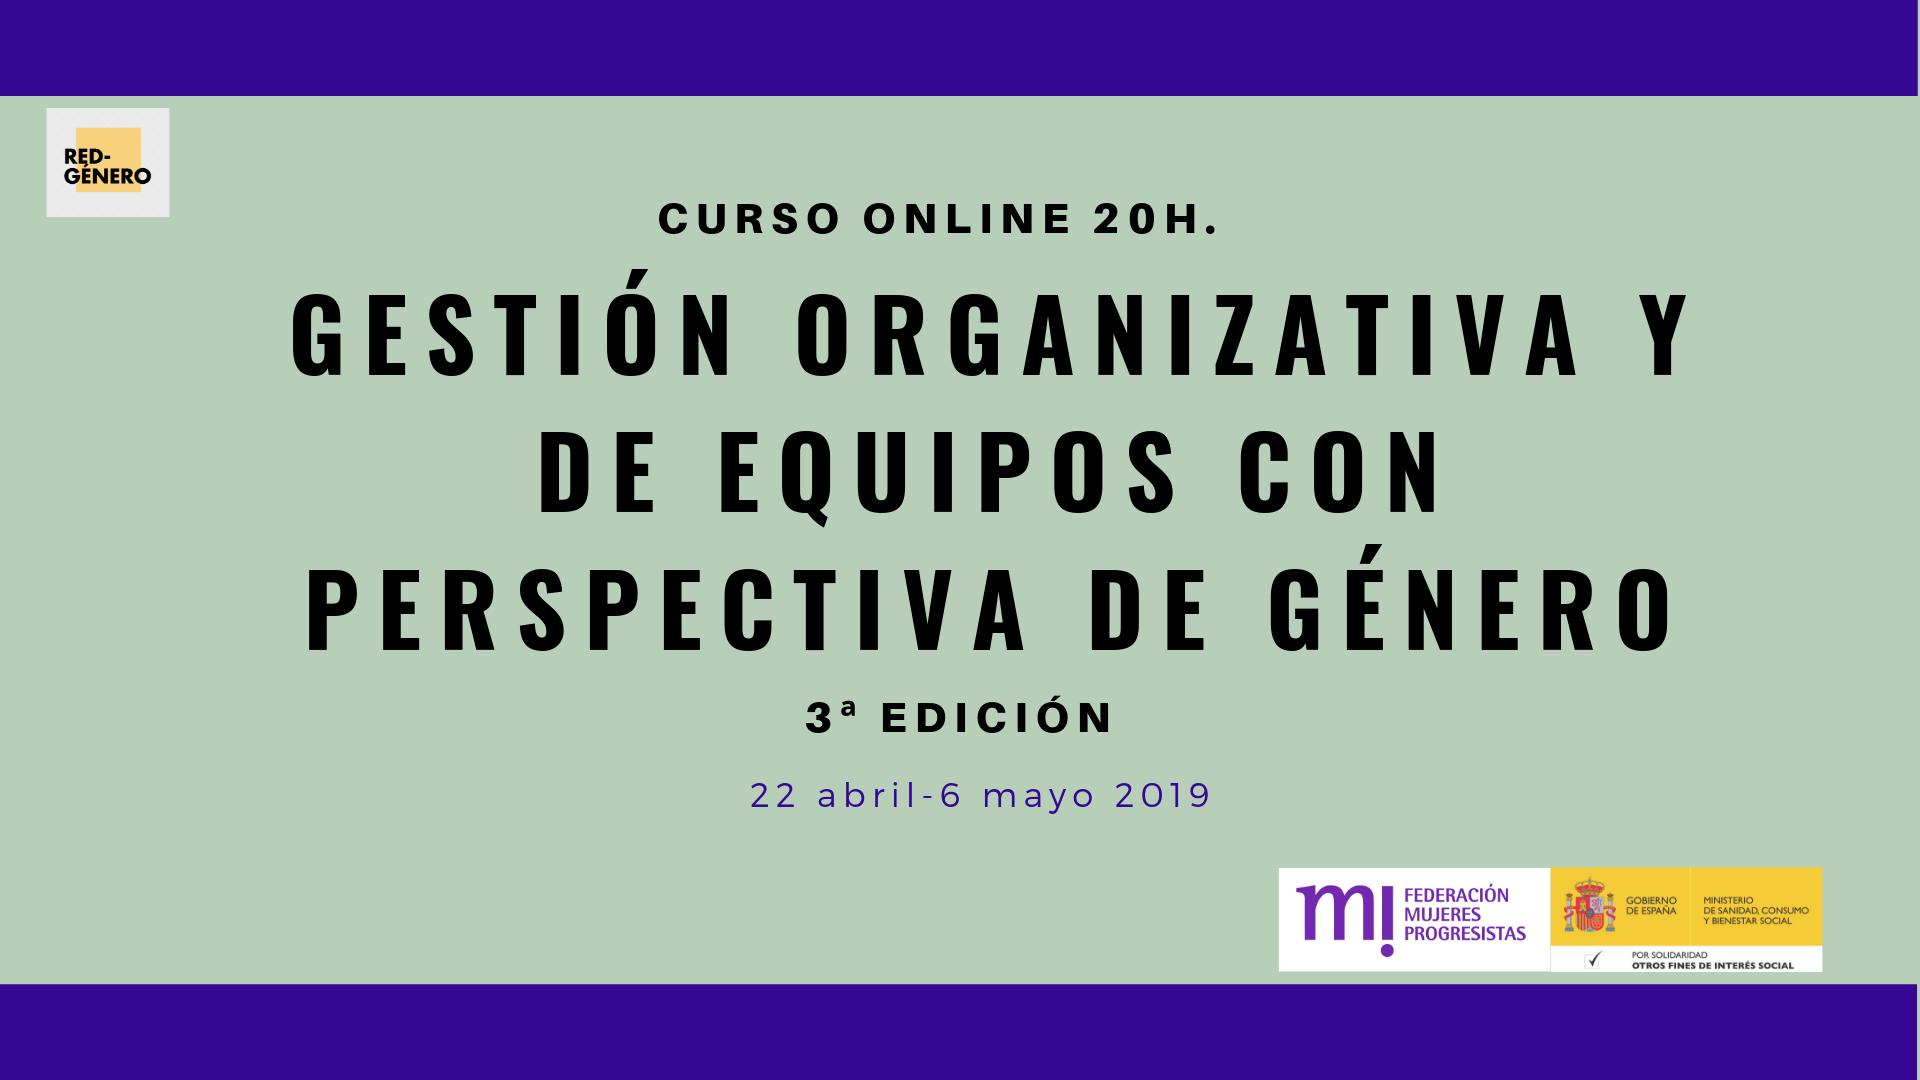 Course Image 3ª Edición. Gestión organizativa y de equipos con perspectiva de género